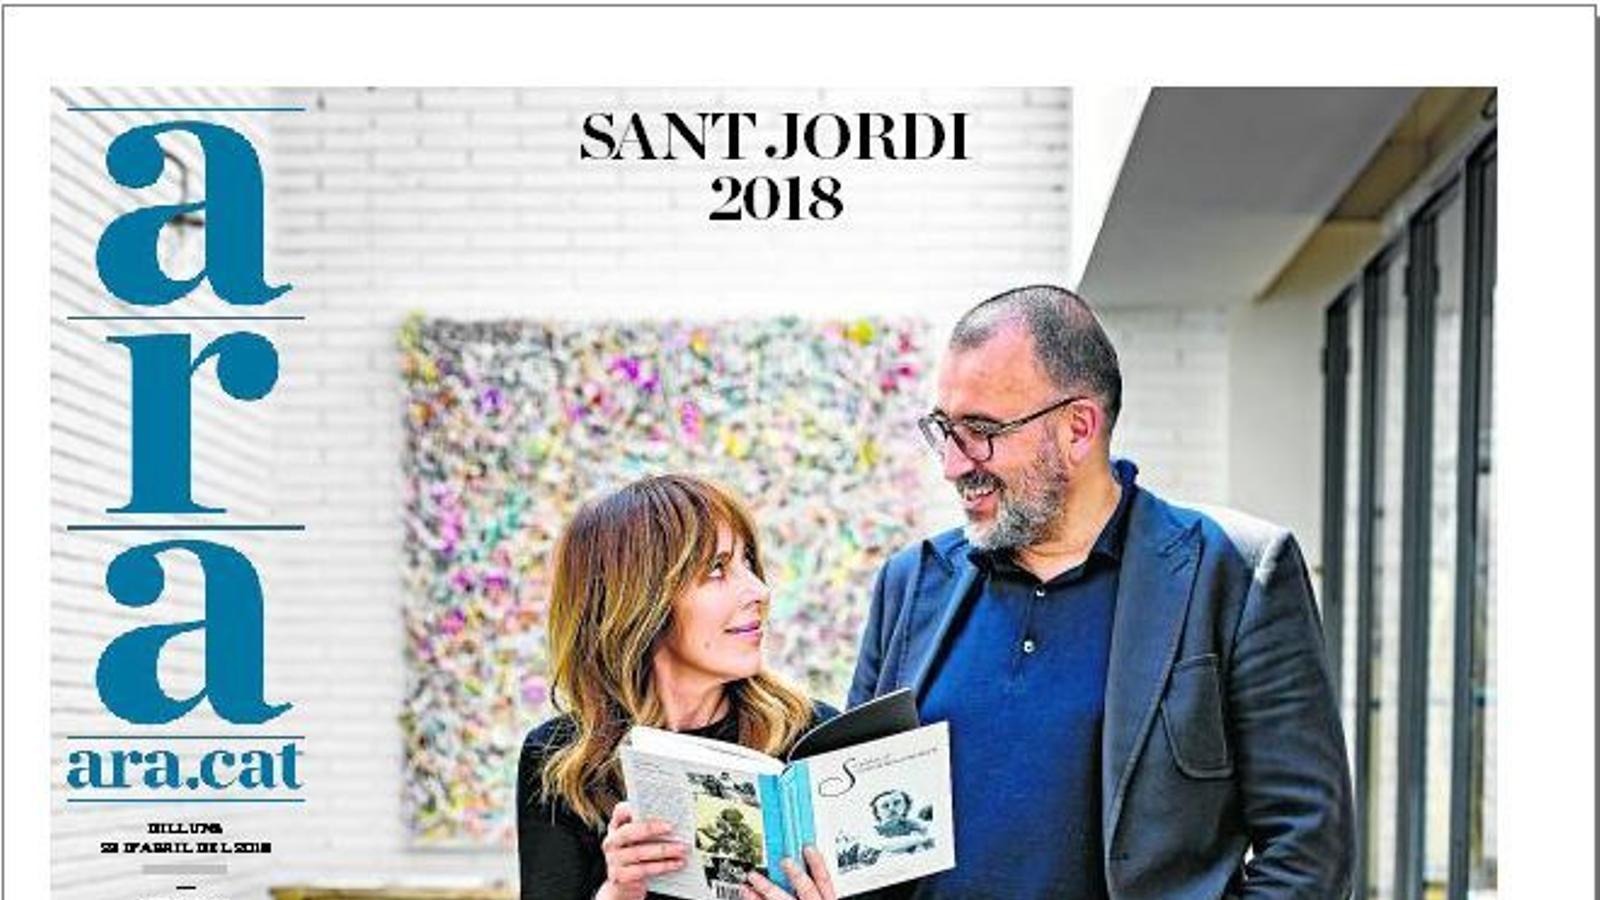 La portada de l'ARA pel diari de dilluns 23 d'abril, Sant jordi